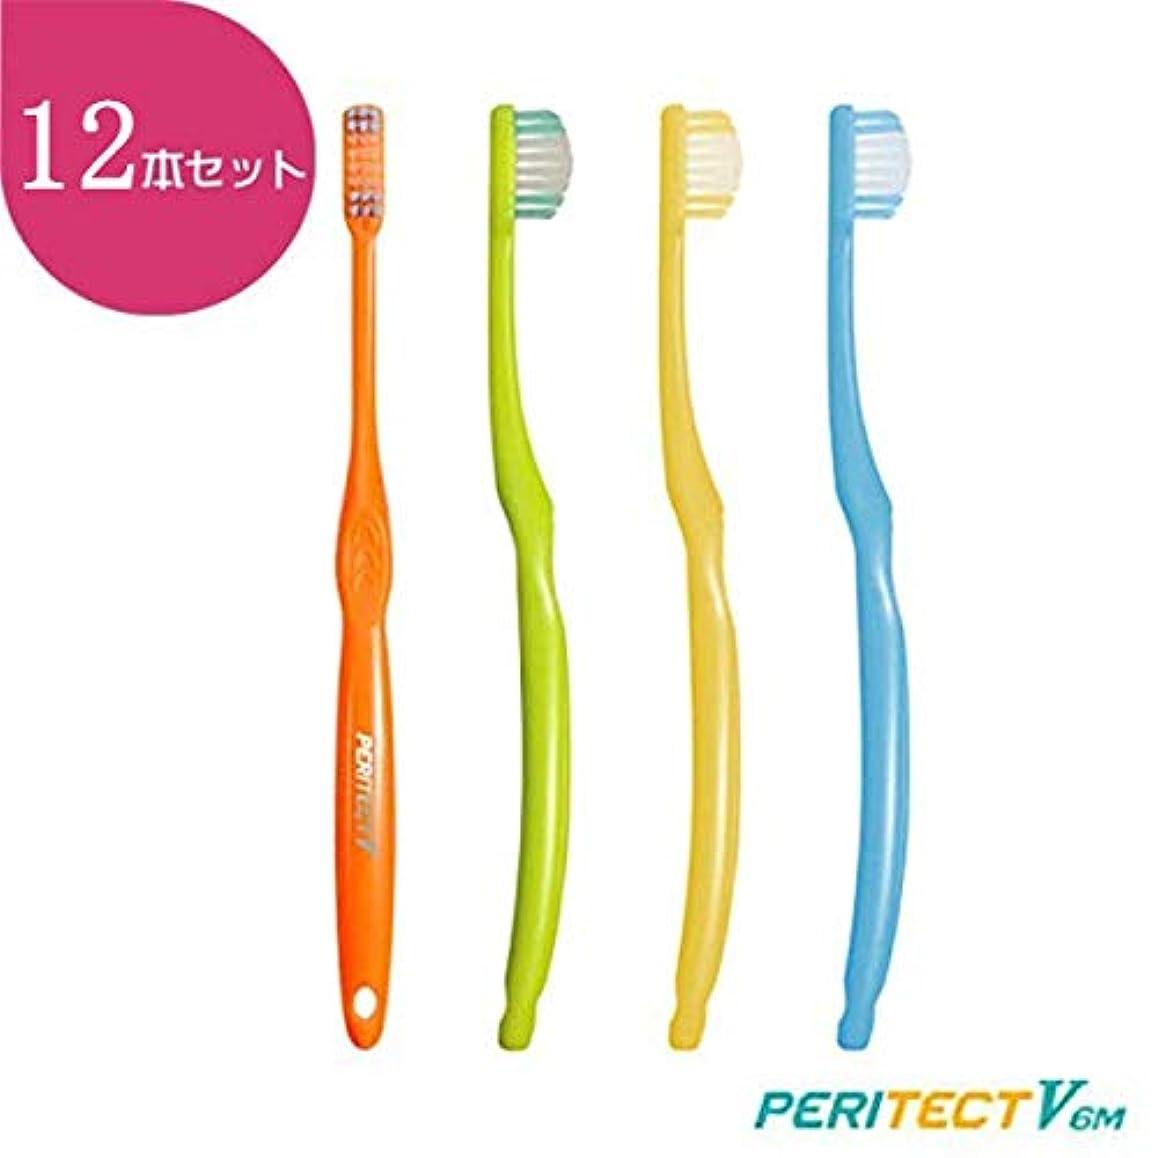 ゆるい飾る好意ビーブランド PERITECT V ペリテクト ブイ 6M(やわらかめ)×12本 歯ブラシ 歯科専売品